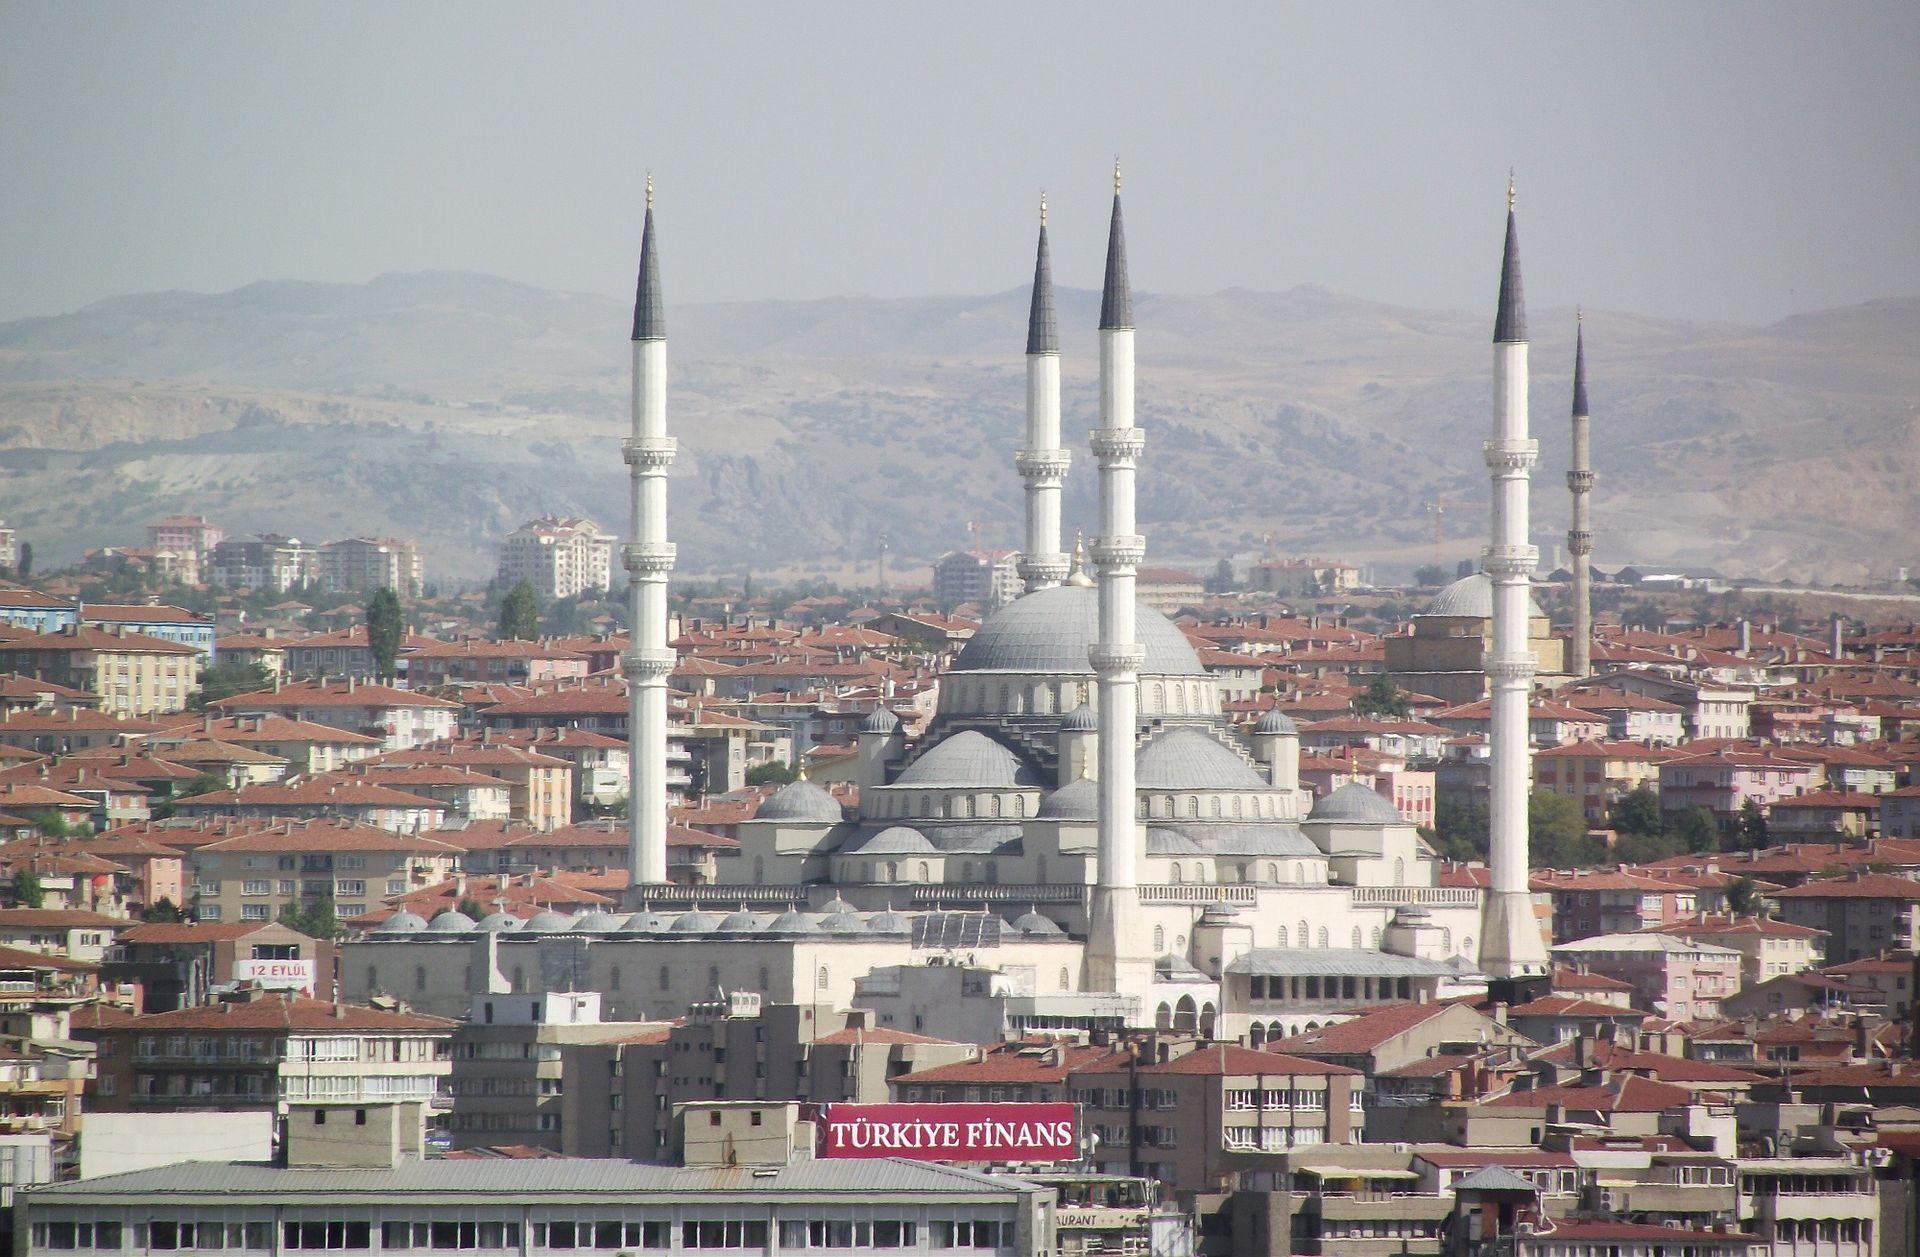 Američka ambasada u Ankari sutra će biti zatvorena zbog sigurnosti